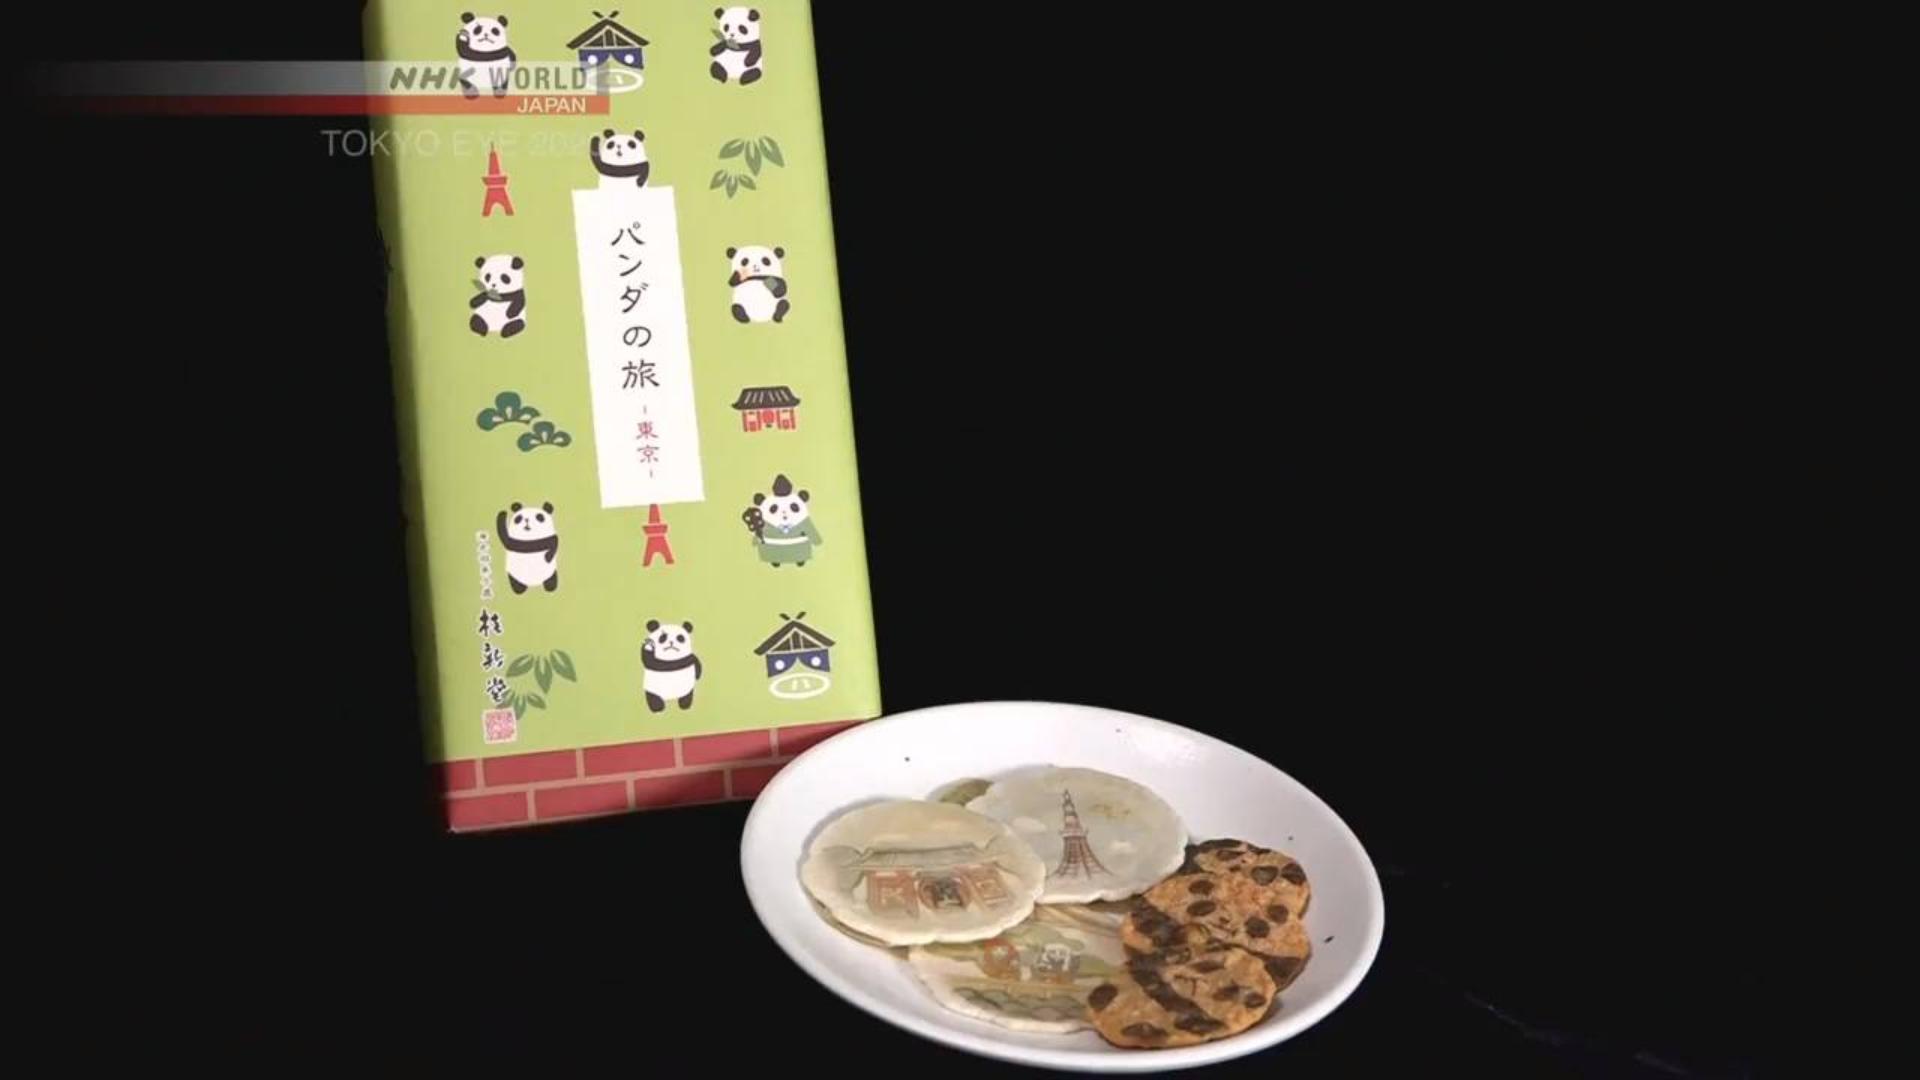 录片.NHK.东京视角2020.东京站全攻略:熊猫虾味米饼.2018